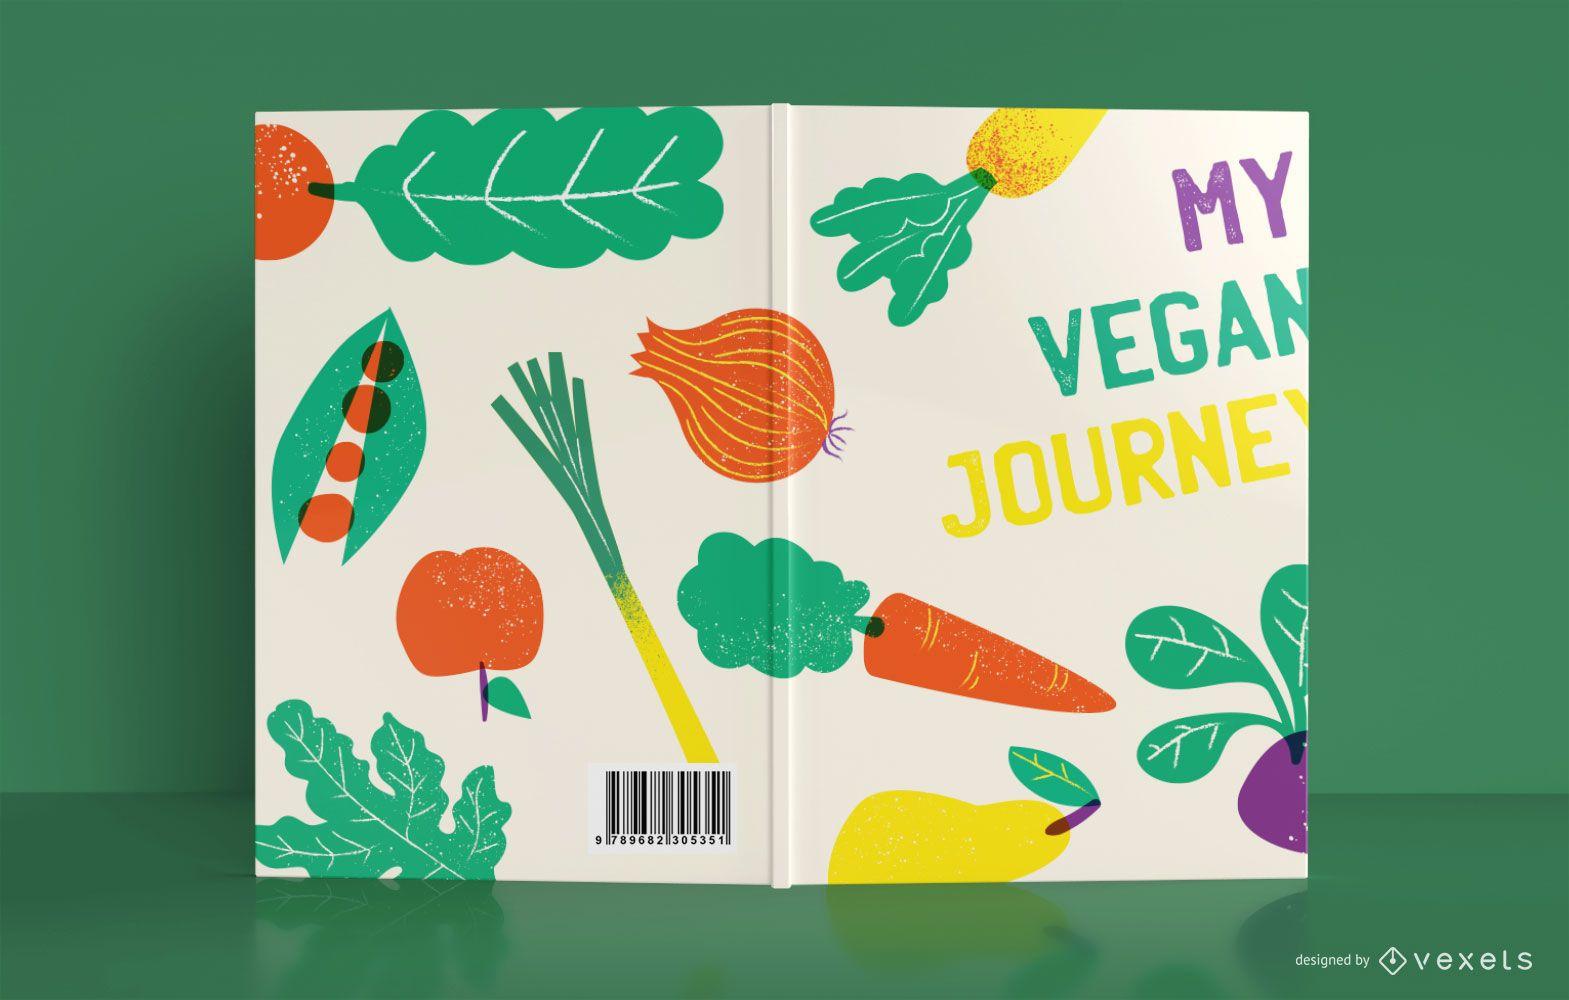 Vegan journal book cover design